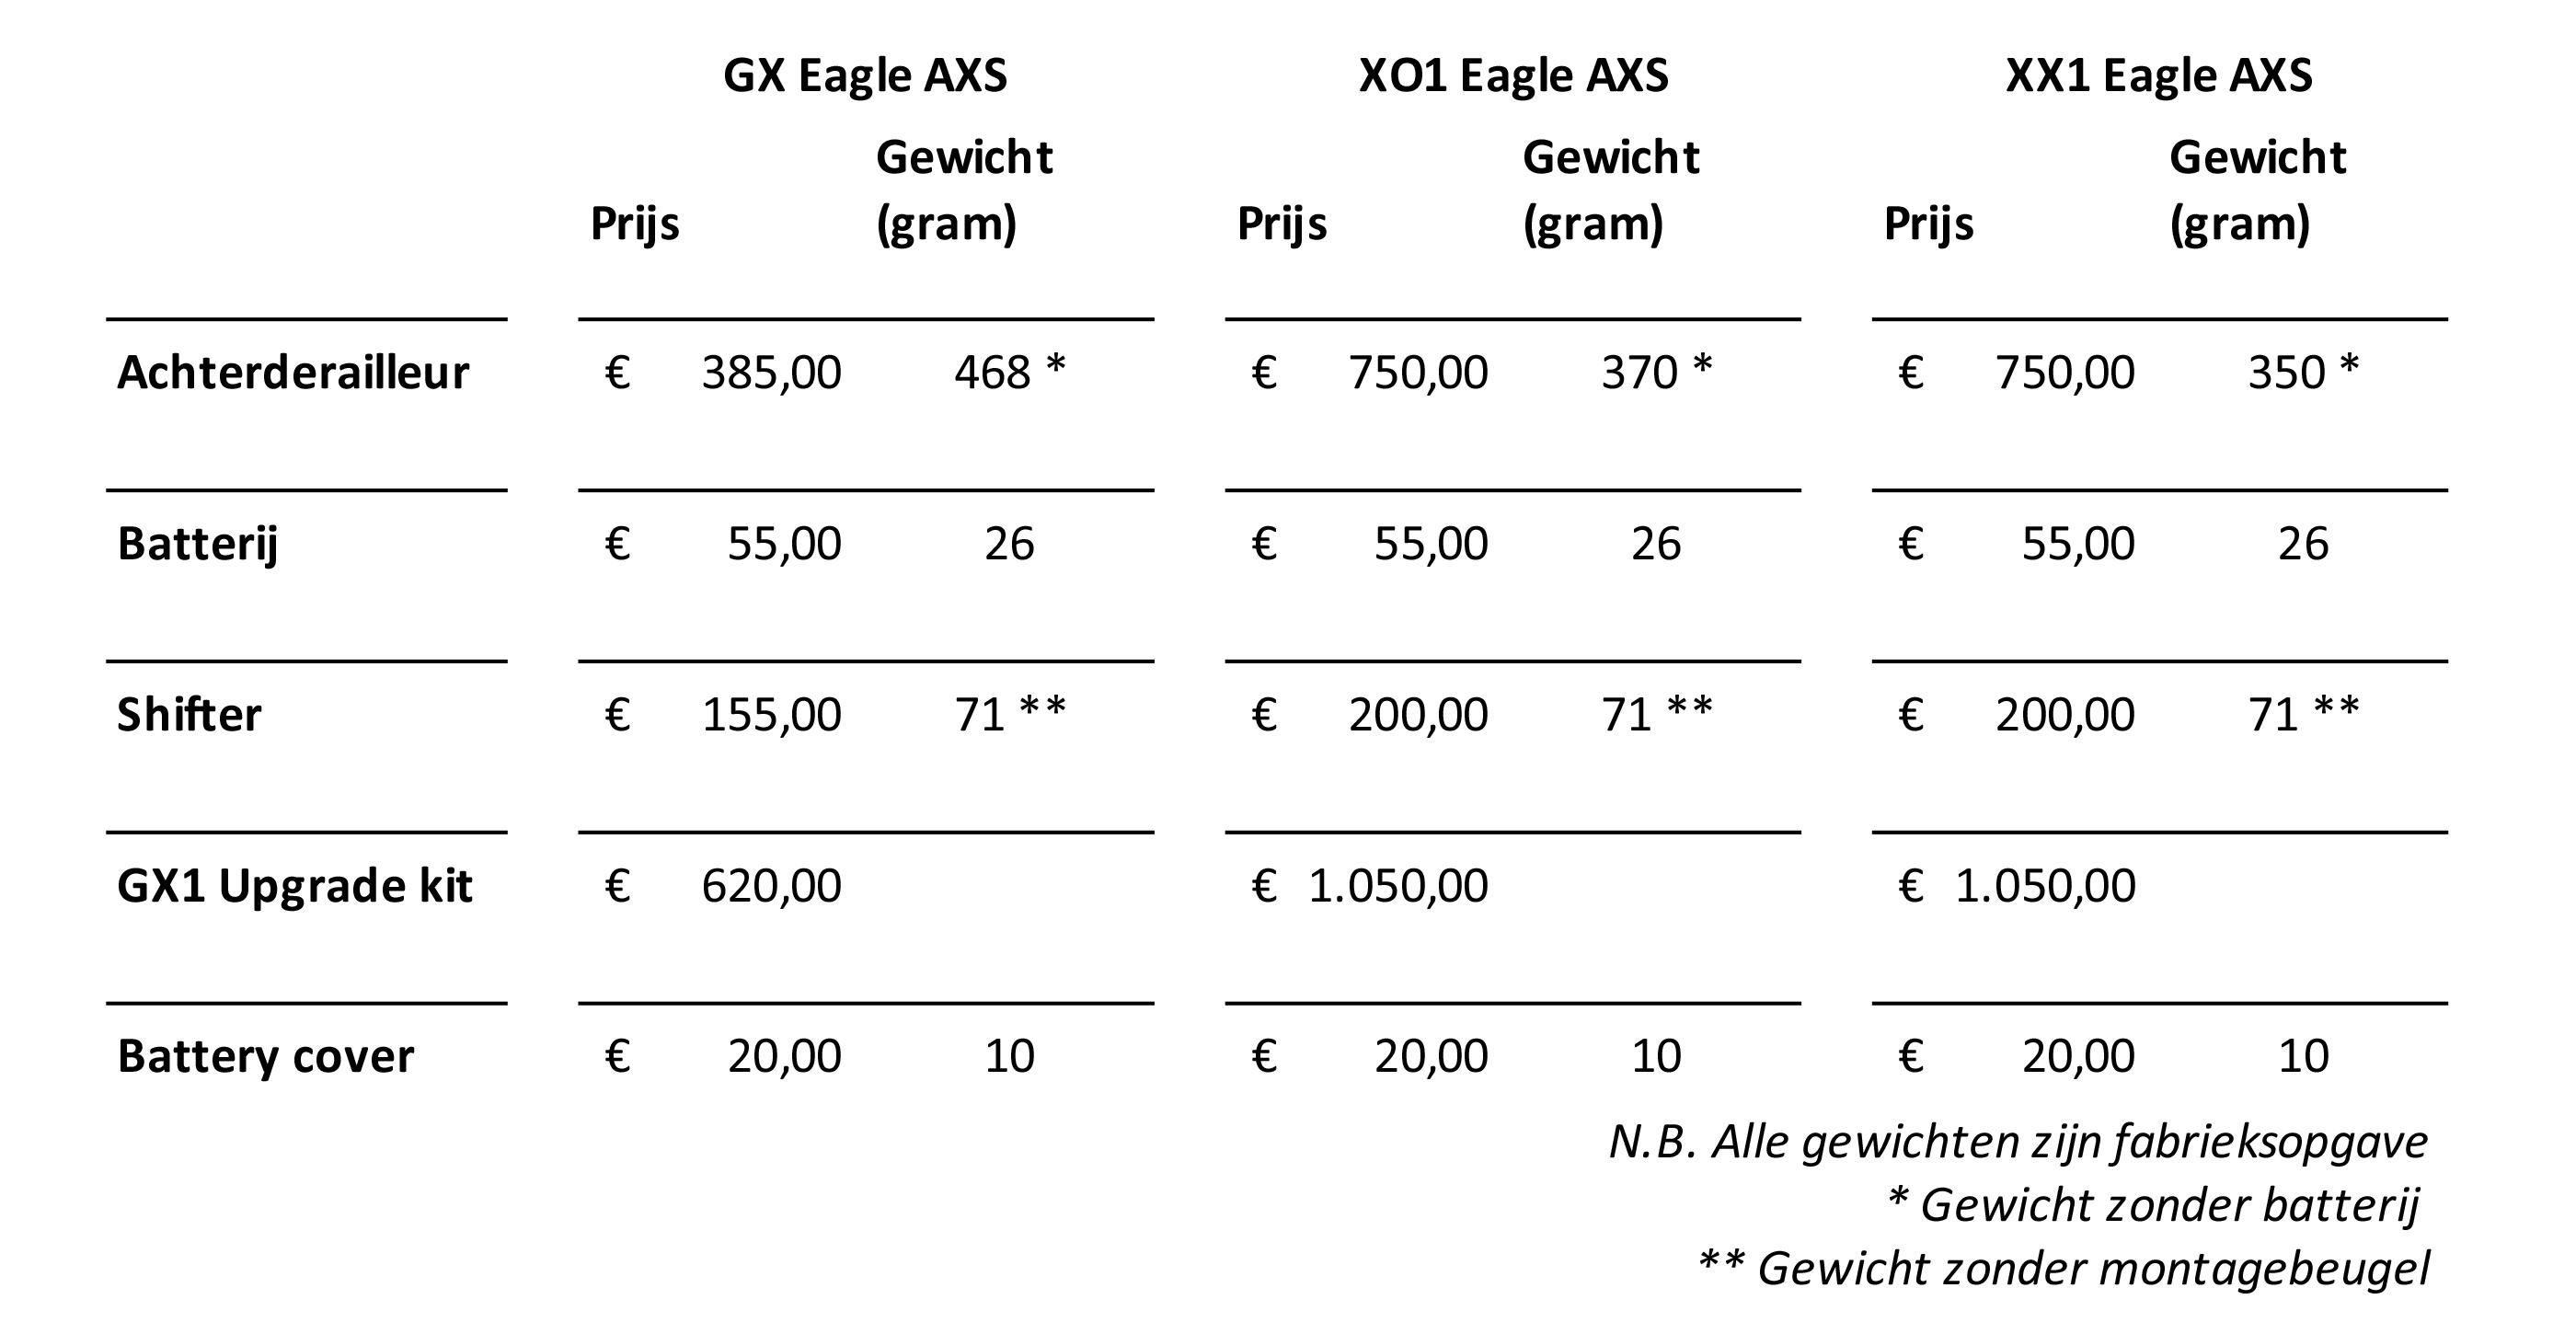 GX XO1 XX1 Eagle AXS overzicht